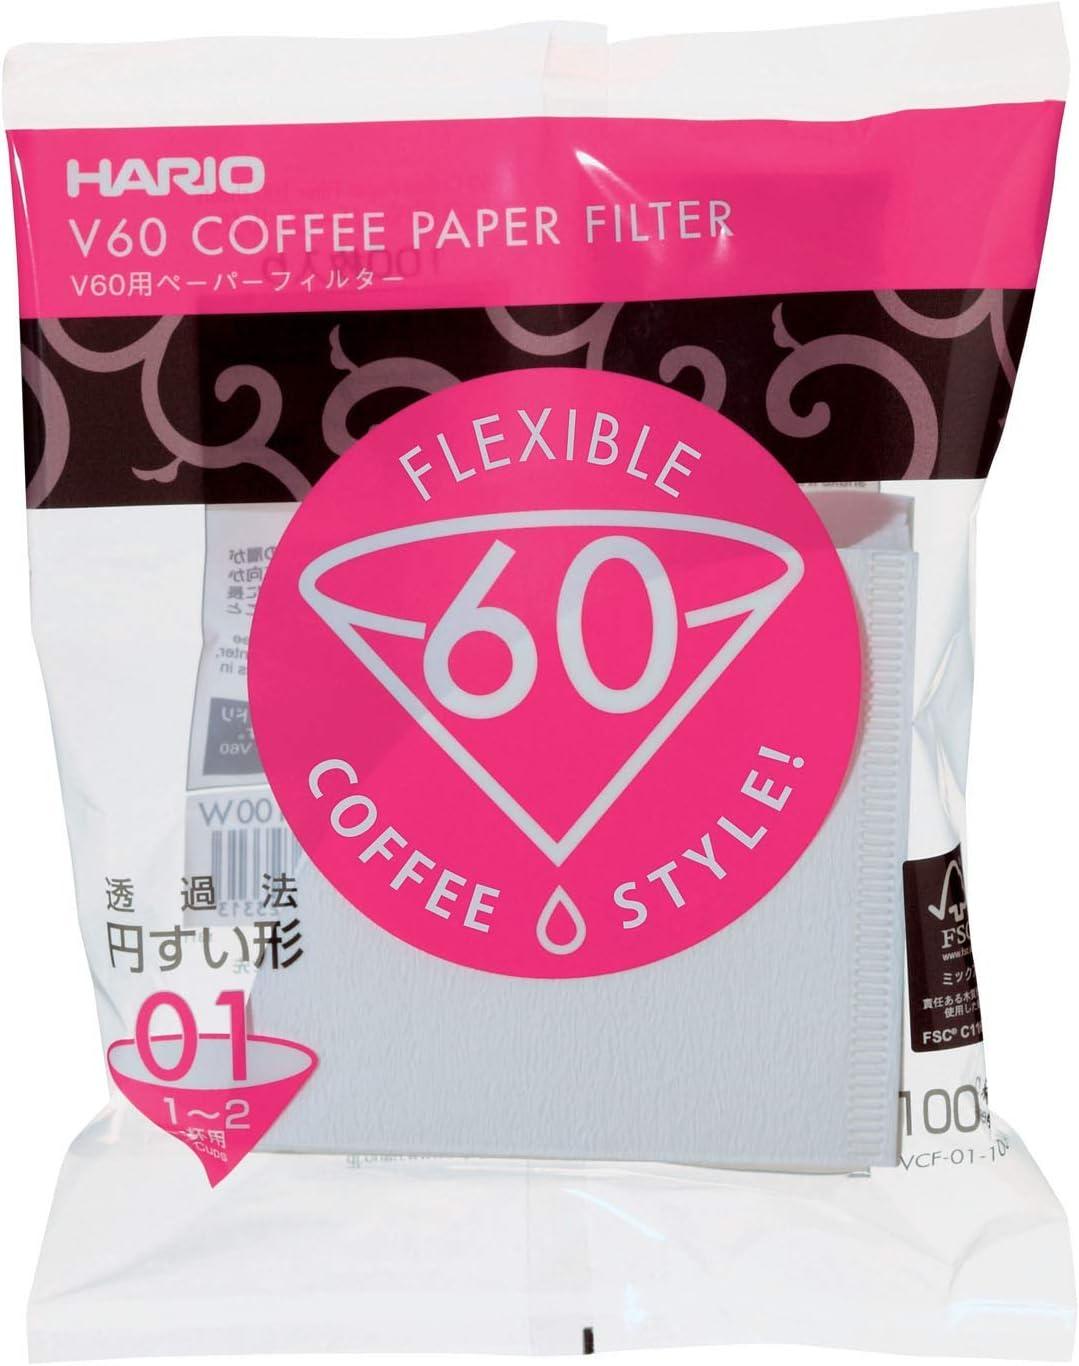 Hario v60 01 Filterpapier für Handfilter 1-2 Tassen Filtertüten VCF-01-100W